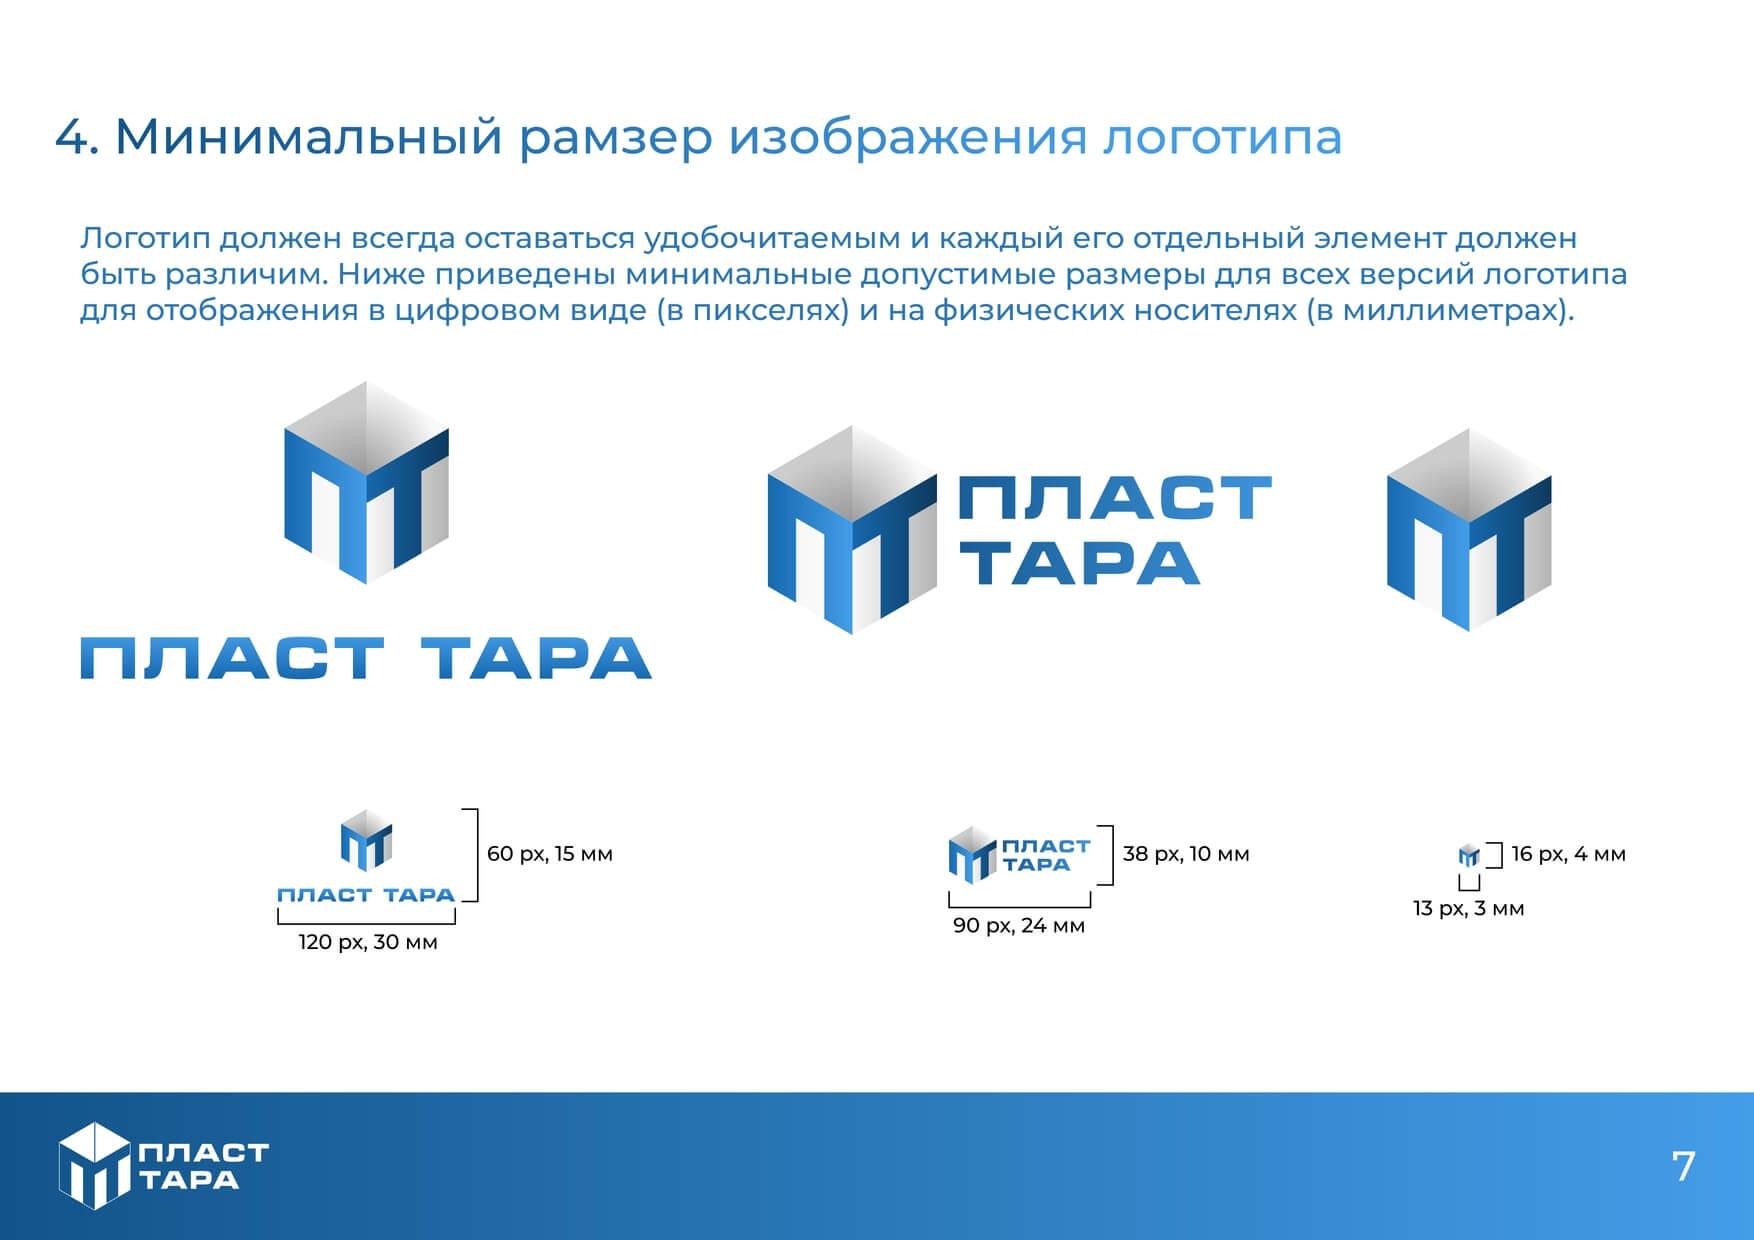 Самостоятельная регистрация логотипа компании: пошаговая инструкция | дизайн, лого и бизнес | блог турболого